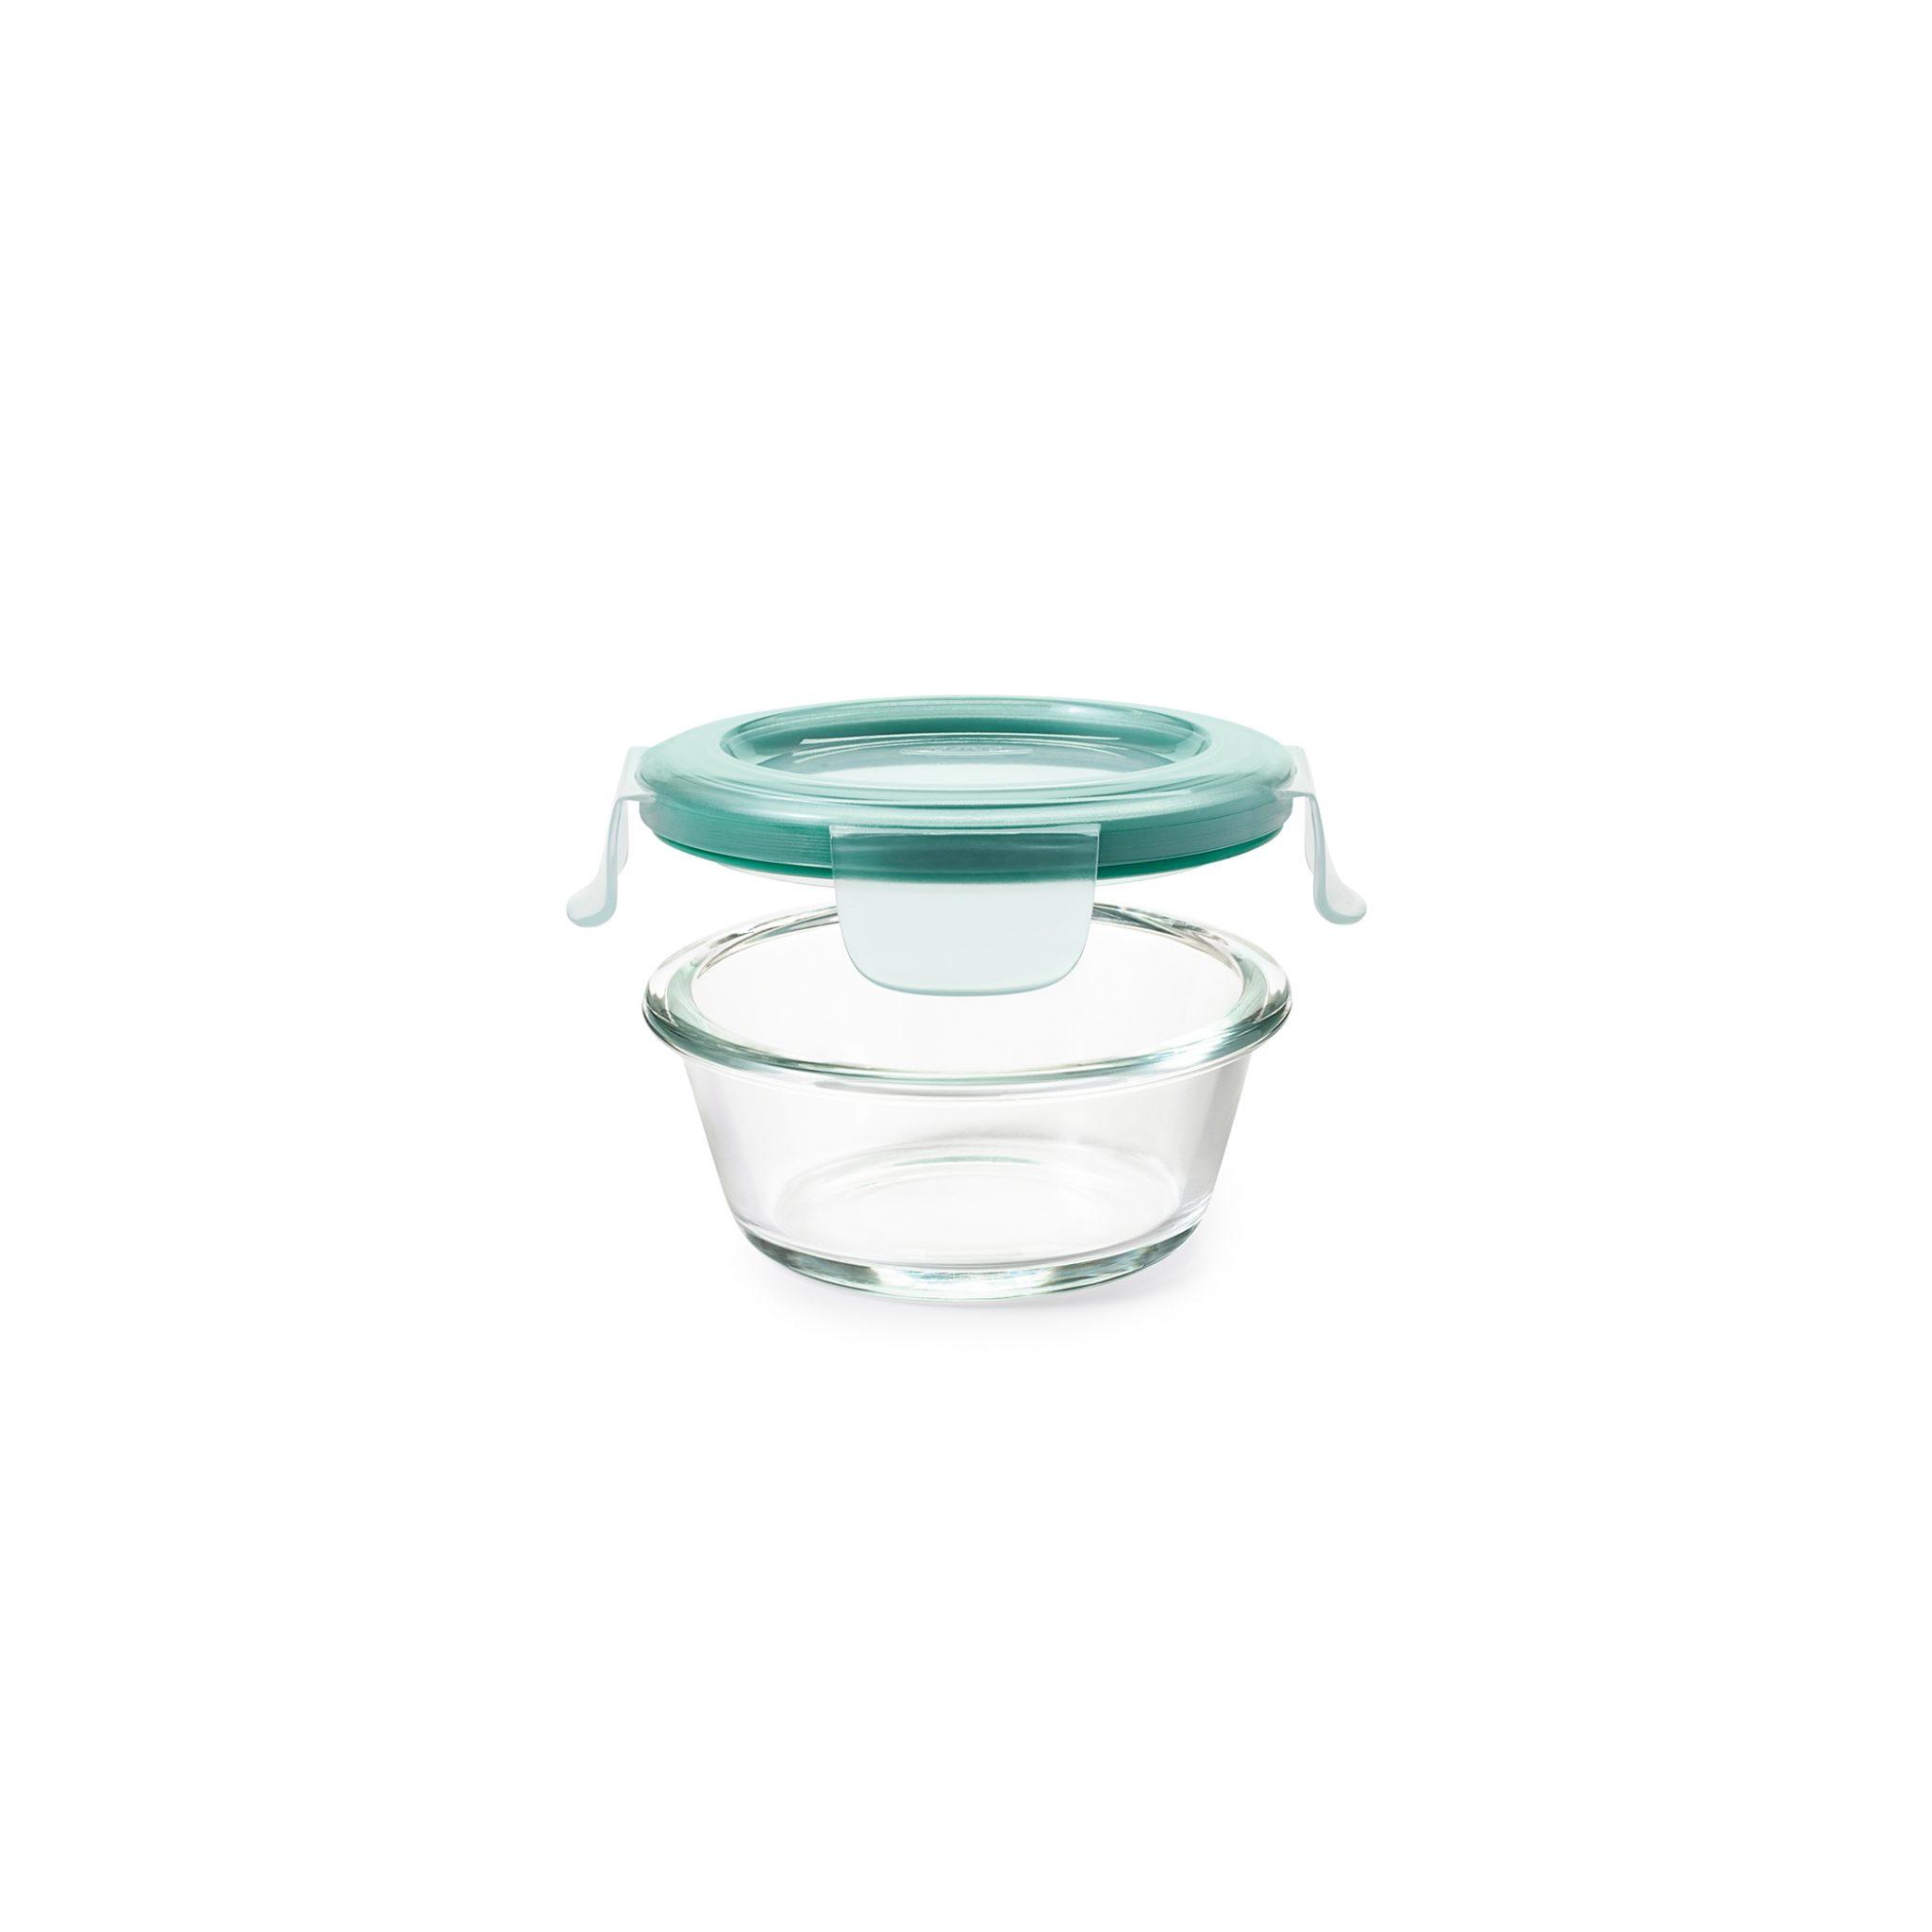 美國 OXO 耐熱玻璃保鮮盒 圓形 235ml